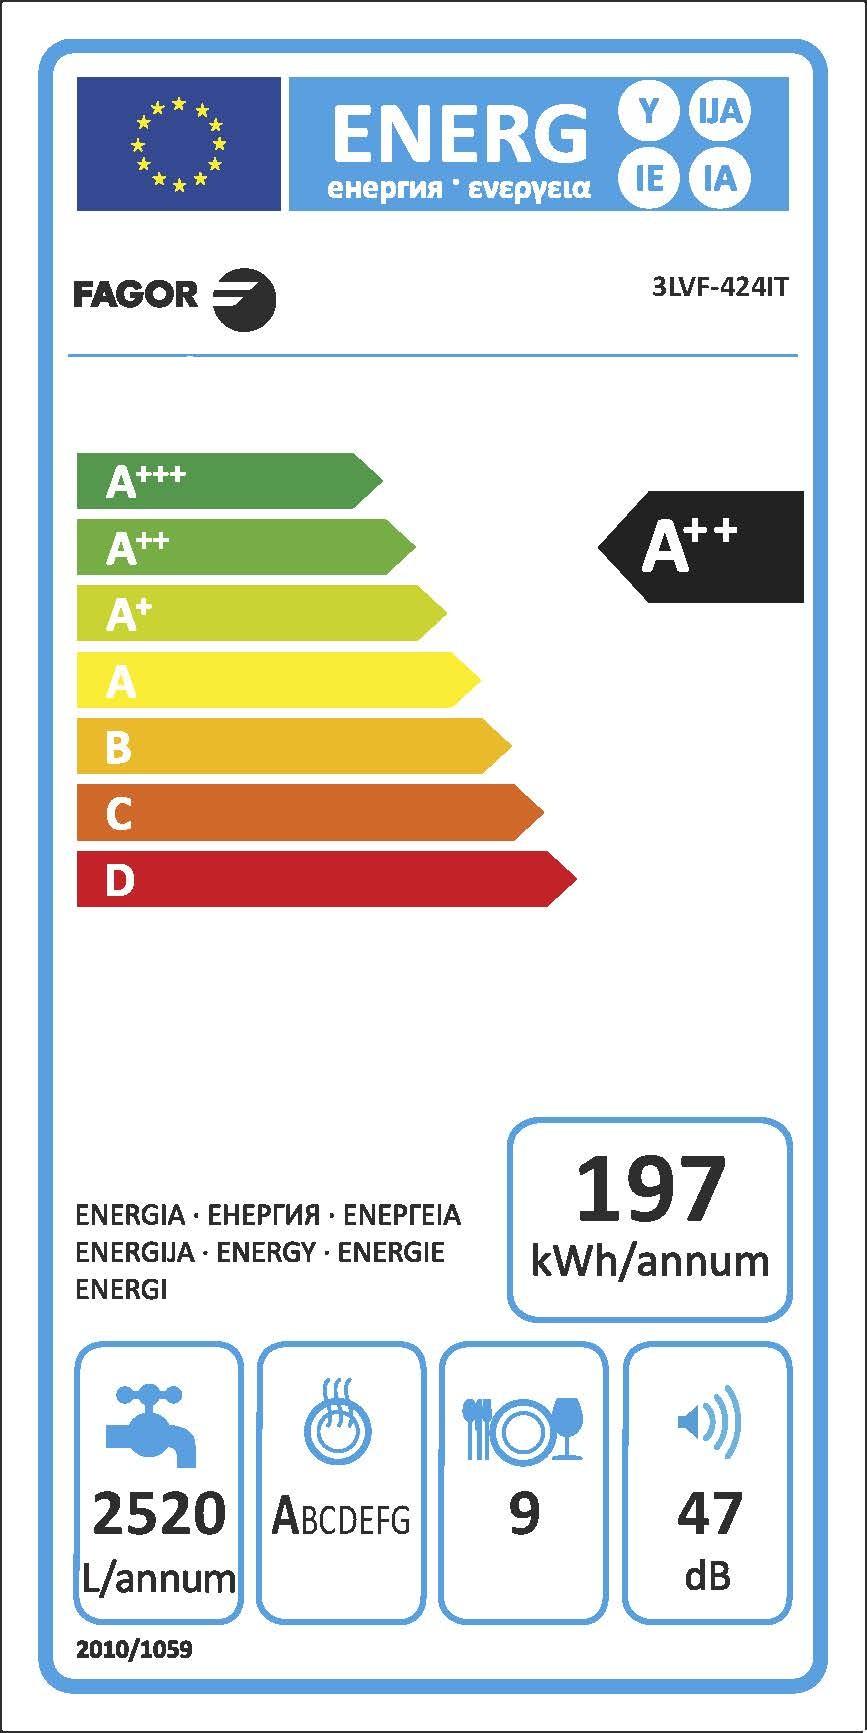 Etiqueta de Eficiencia Energética - 3LVF-424.1IT